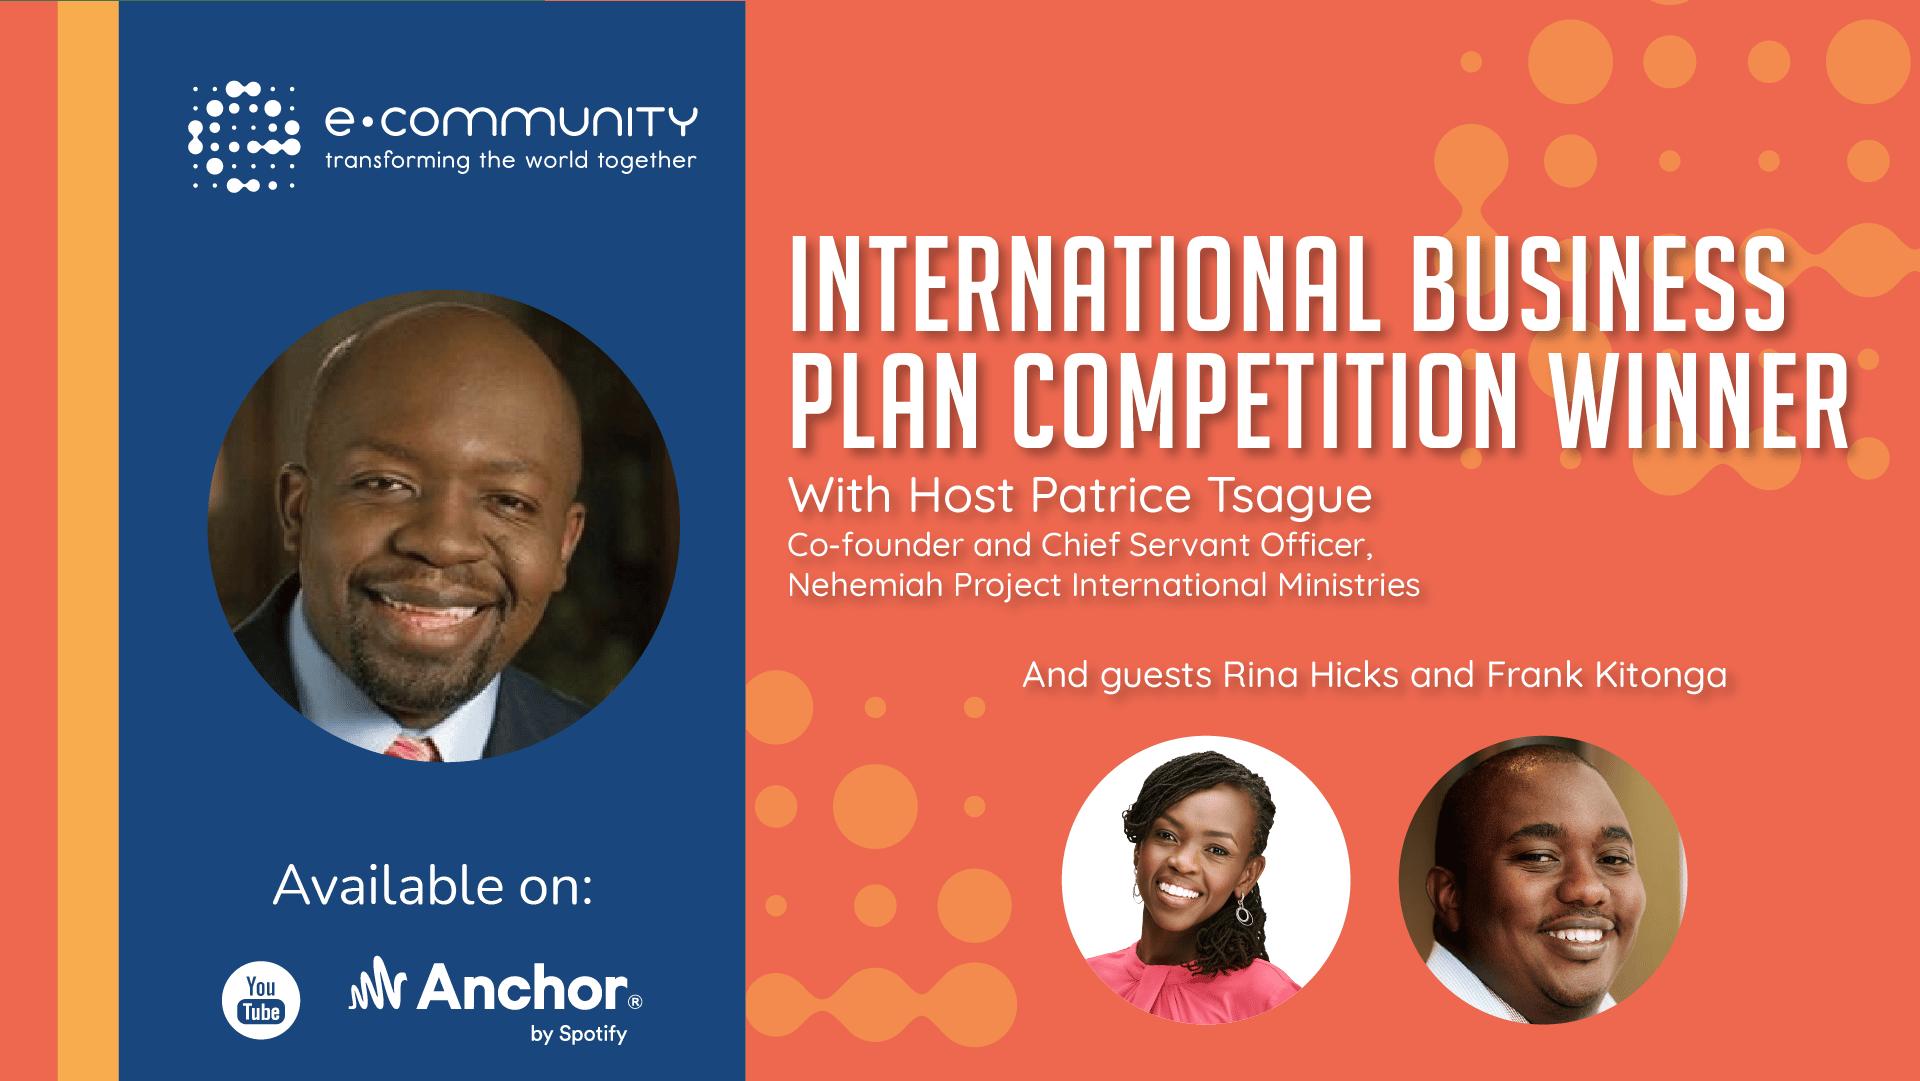 国际商业计划竞赛获胜者